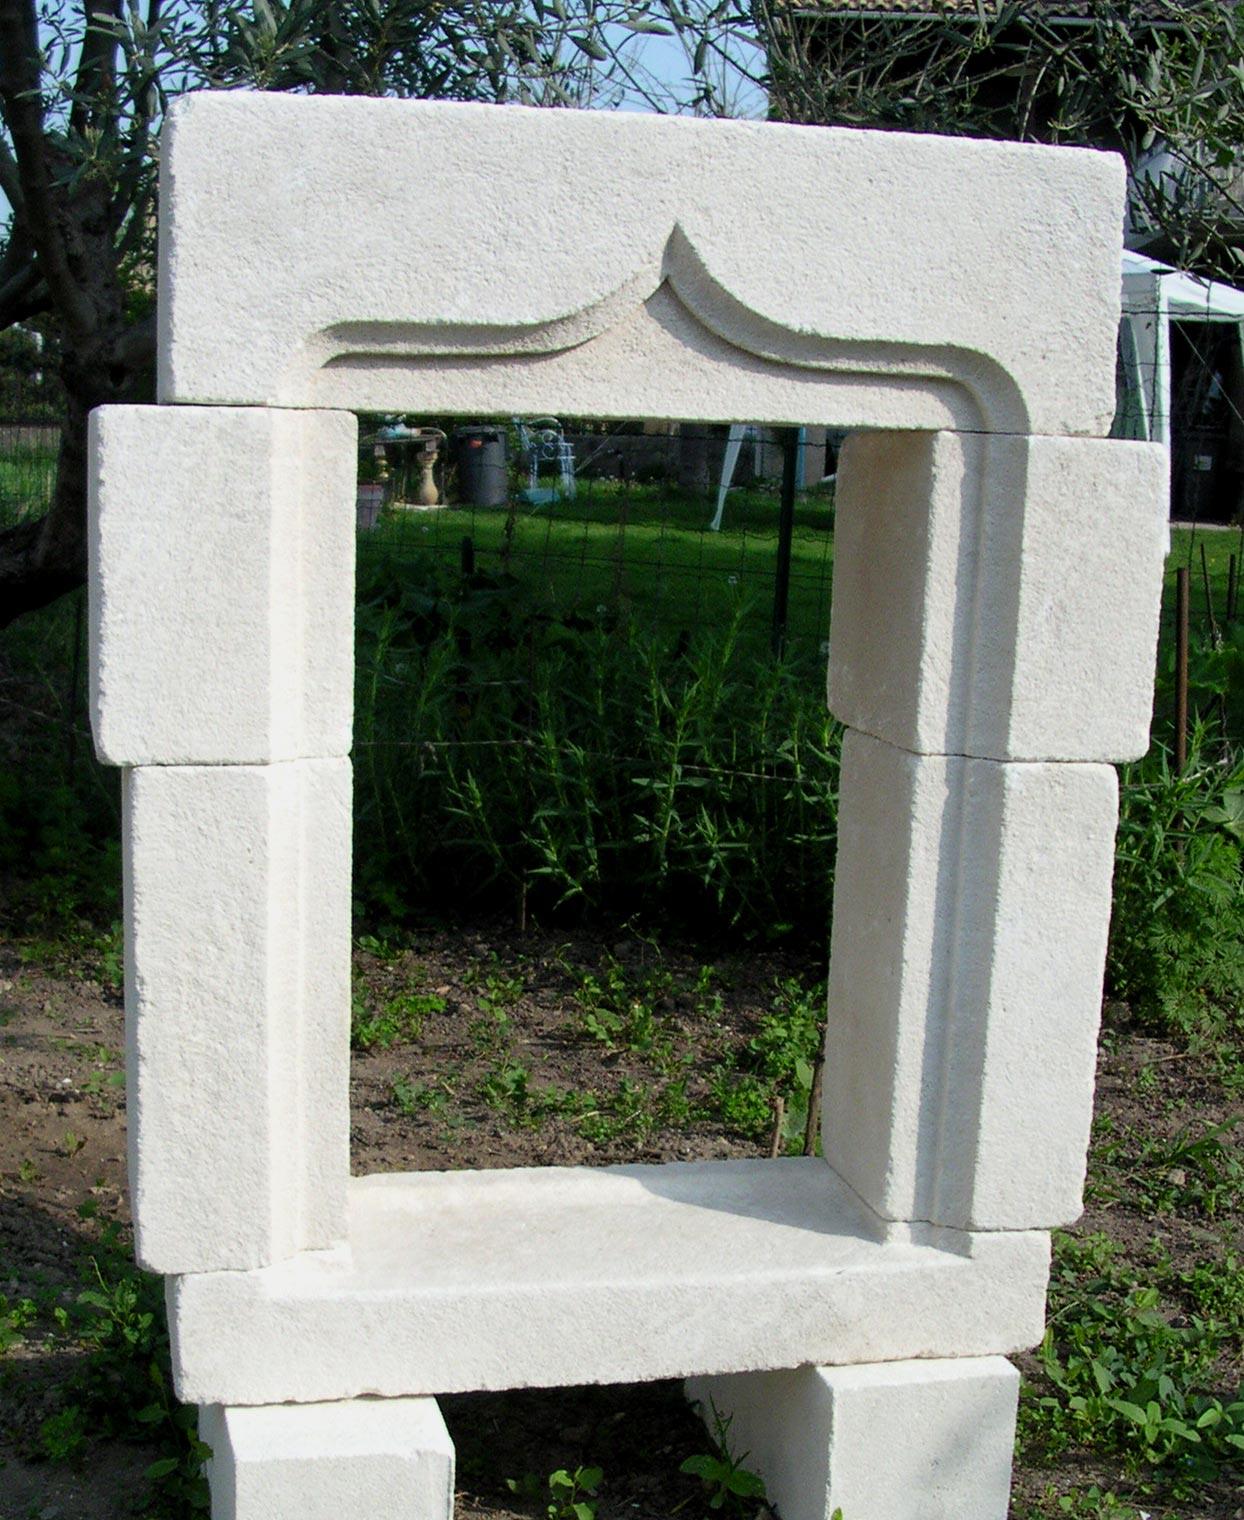 Tailleur de pierres provence luberon vaucluse accolade for Appui de fenetre en pierre naturelle